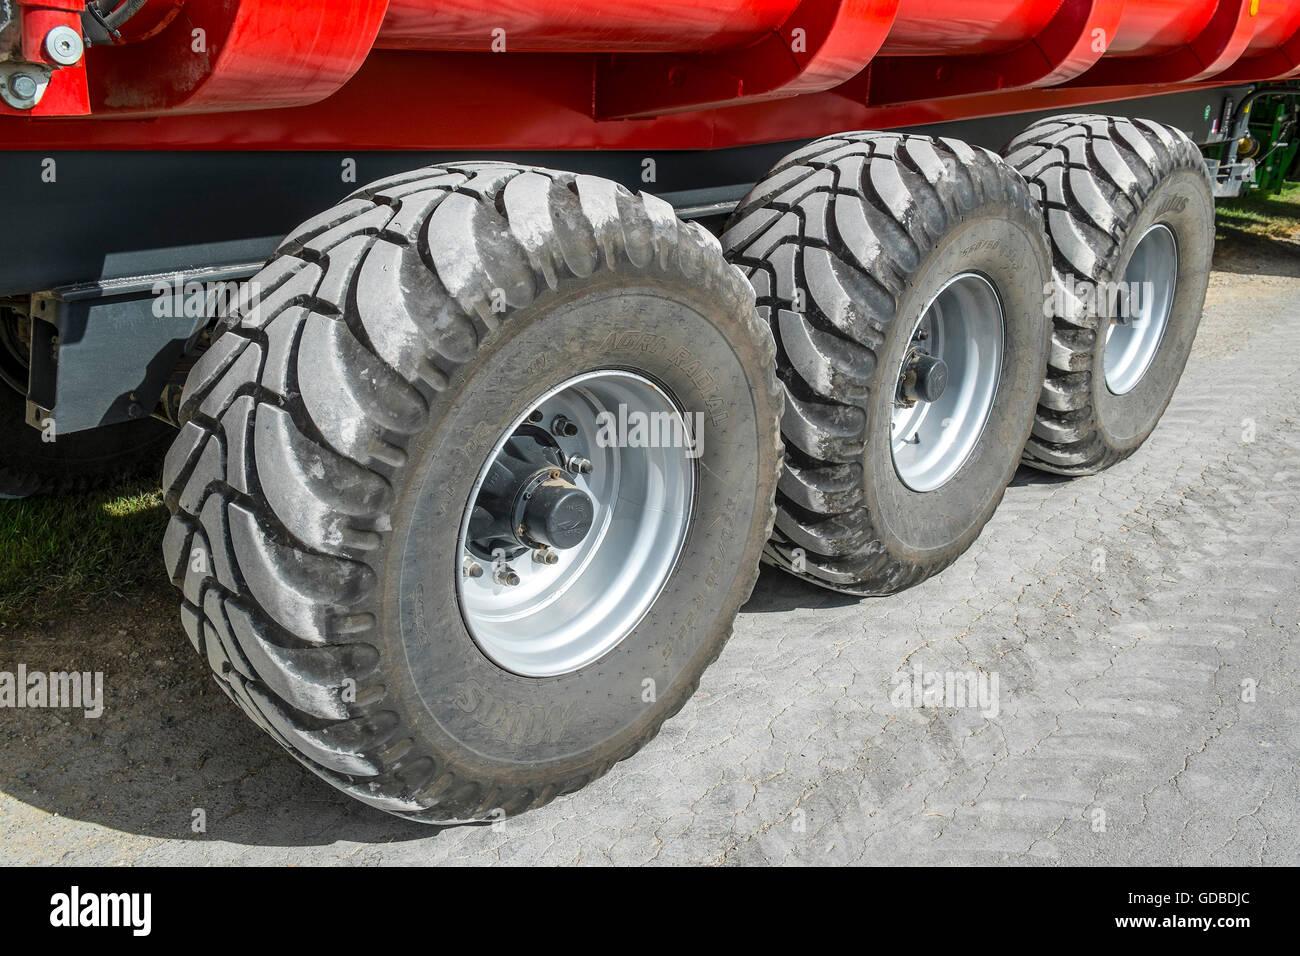 les roues de la remorque agricole et agroalimentaire mitas radial pneus nervur s france. Black Bedroom Furniture Sets. Home Design Ideas